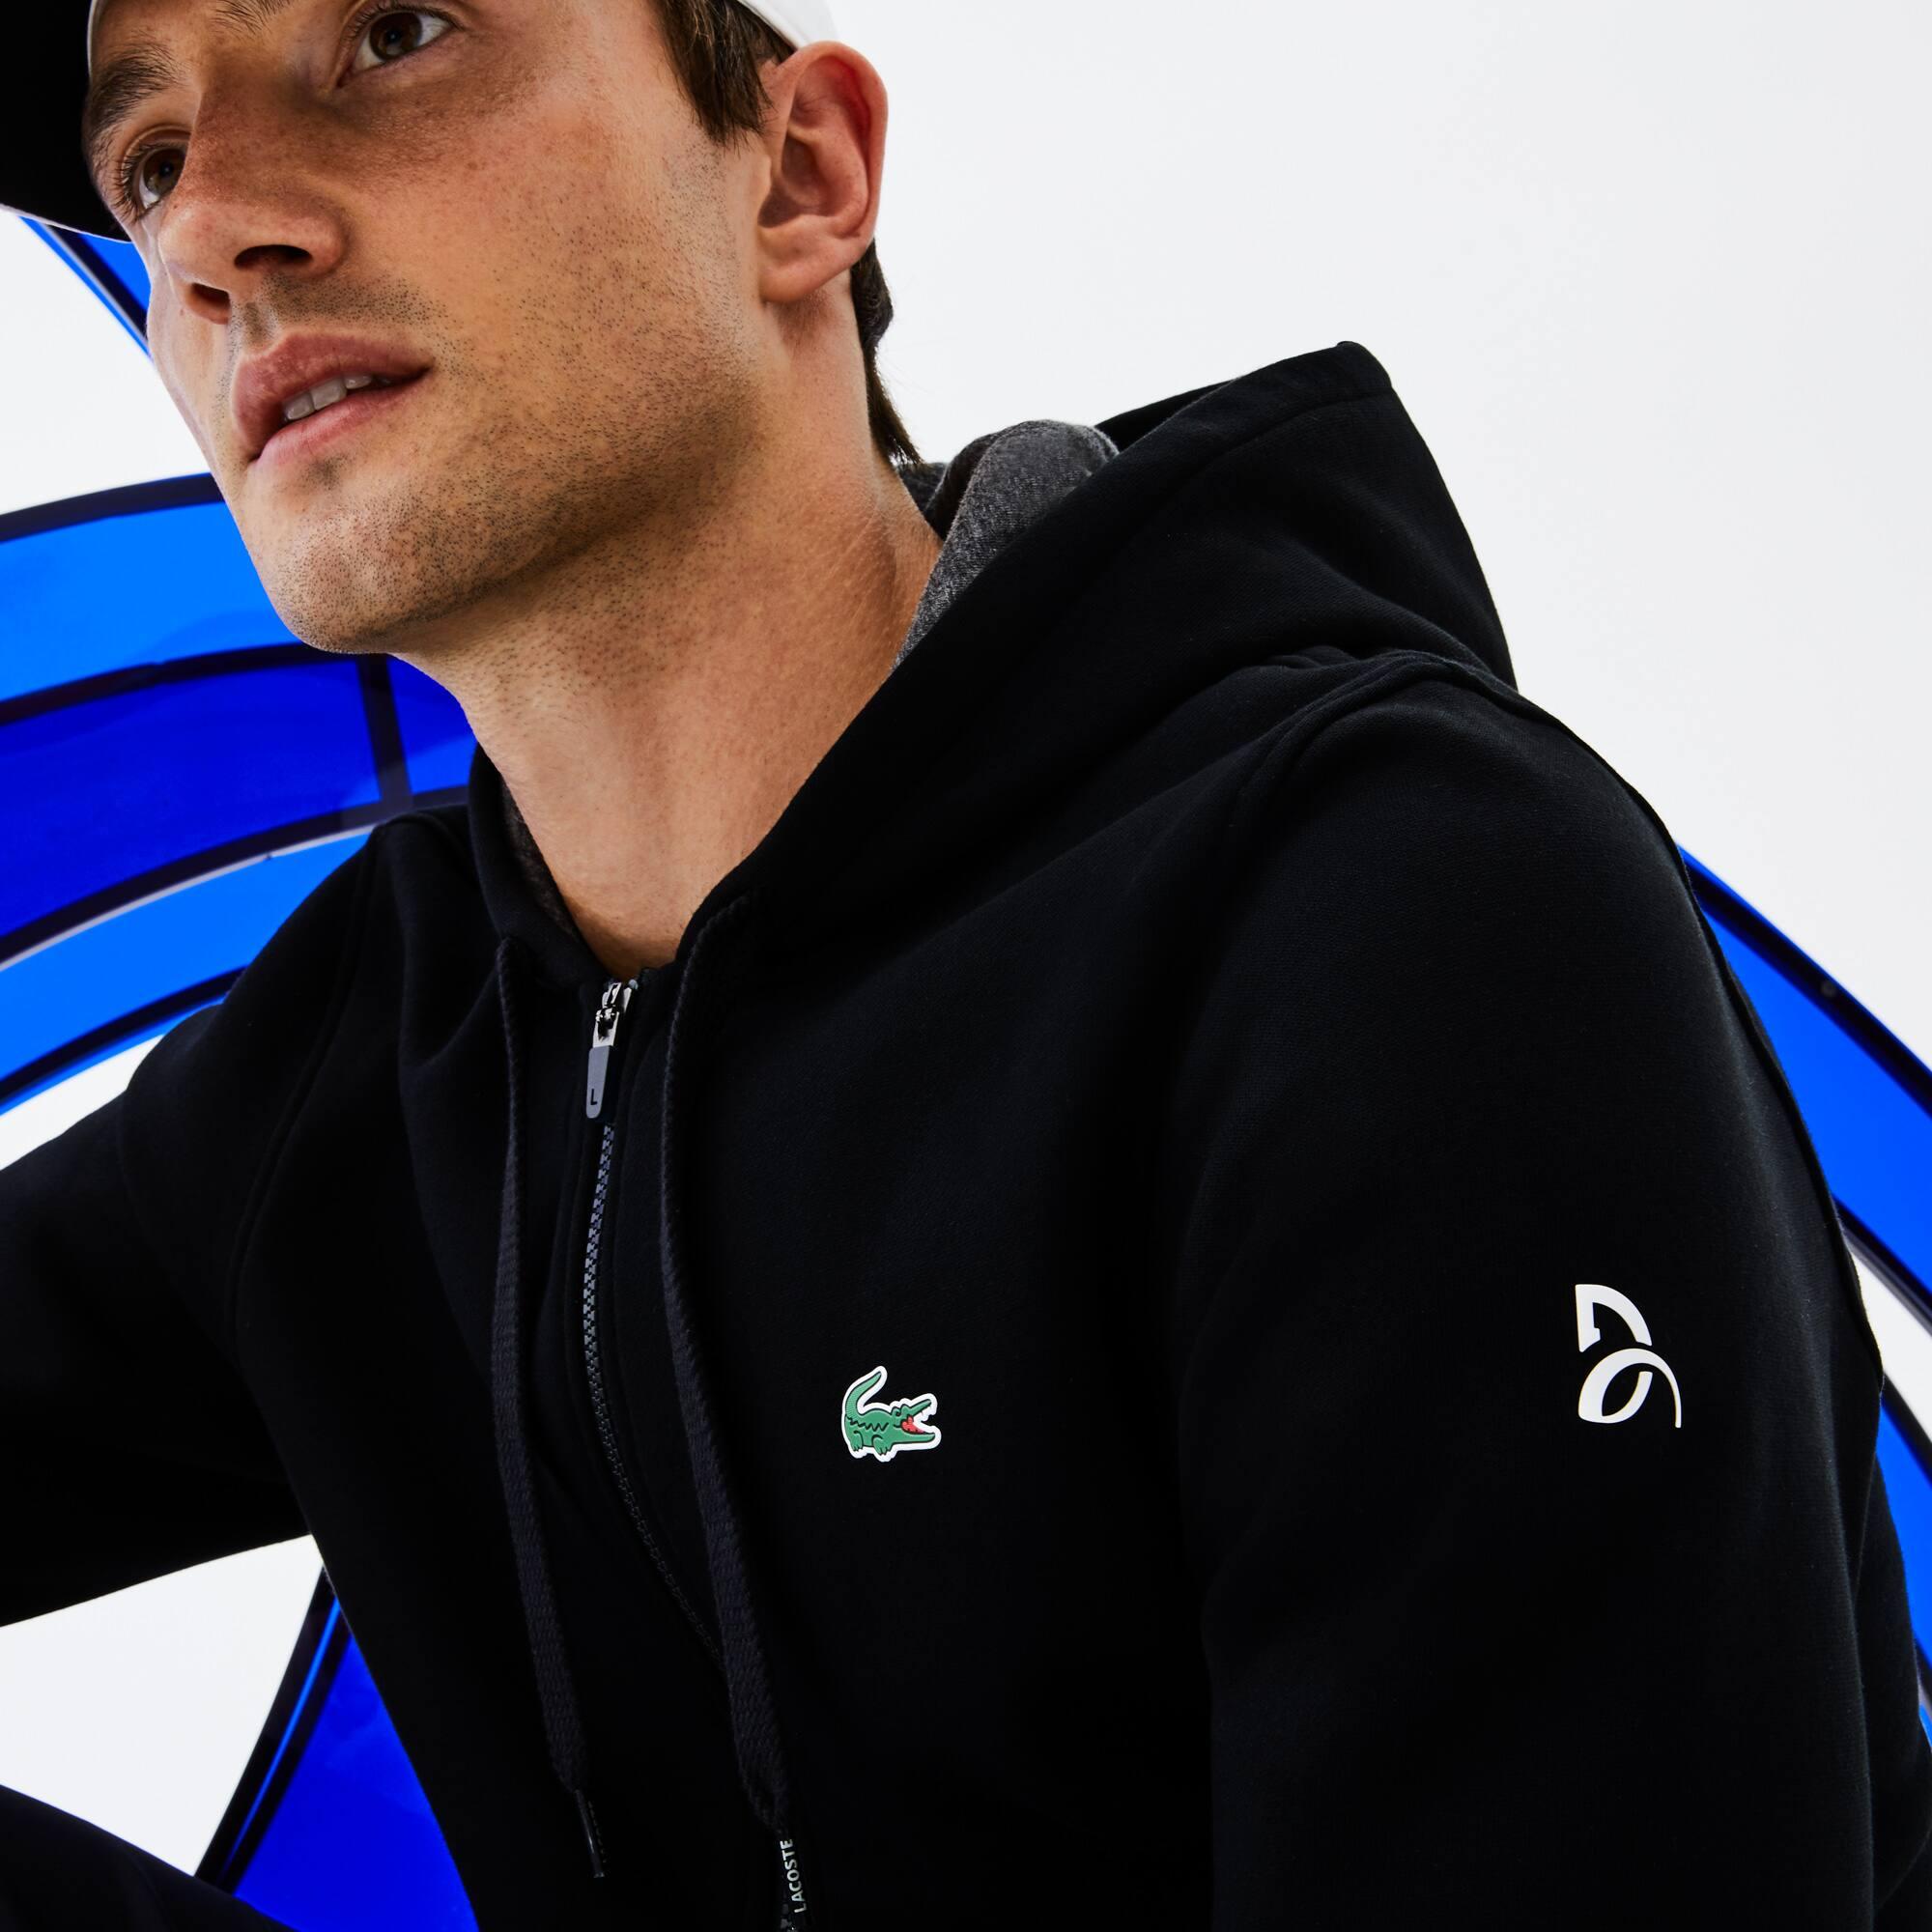 Felpa con zip e cappuccio Lacoste SPORT Collezione Novak Djokovic - Off Court in mollettone tecnico tinta unita